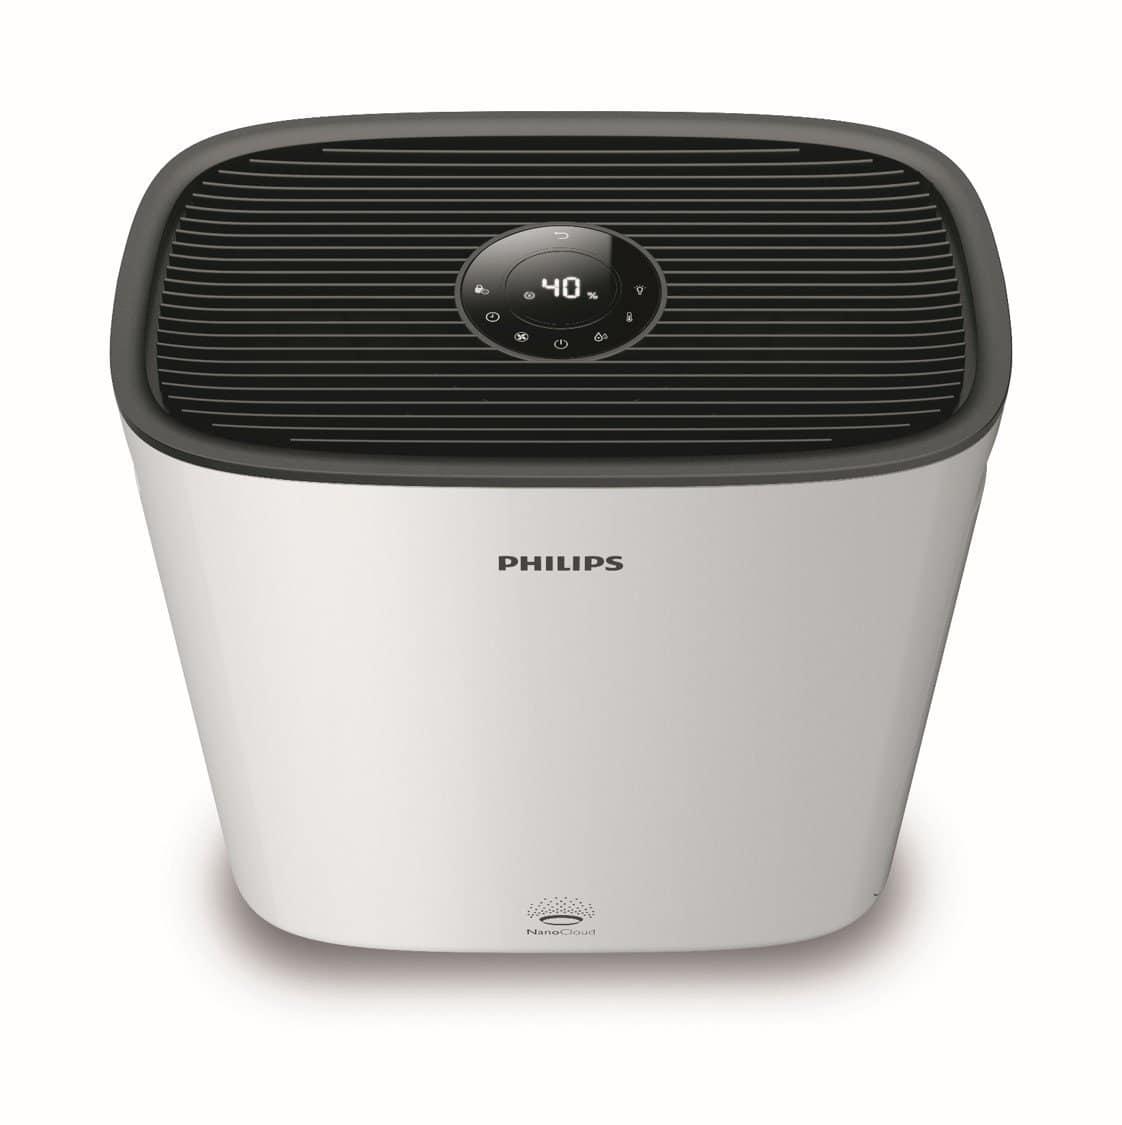 sử dụng máy lọc không khí Philips HU5930/10